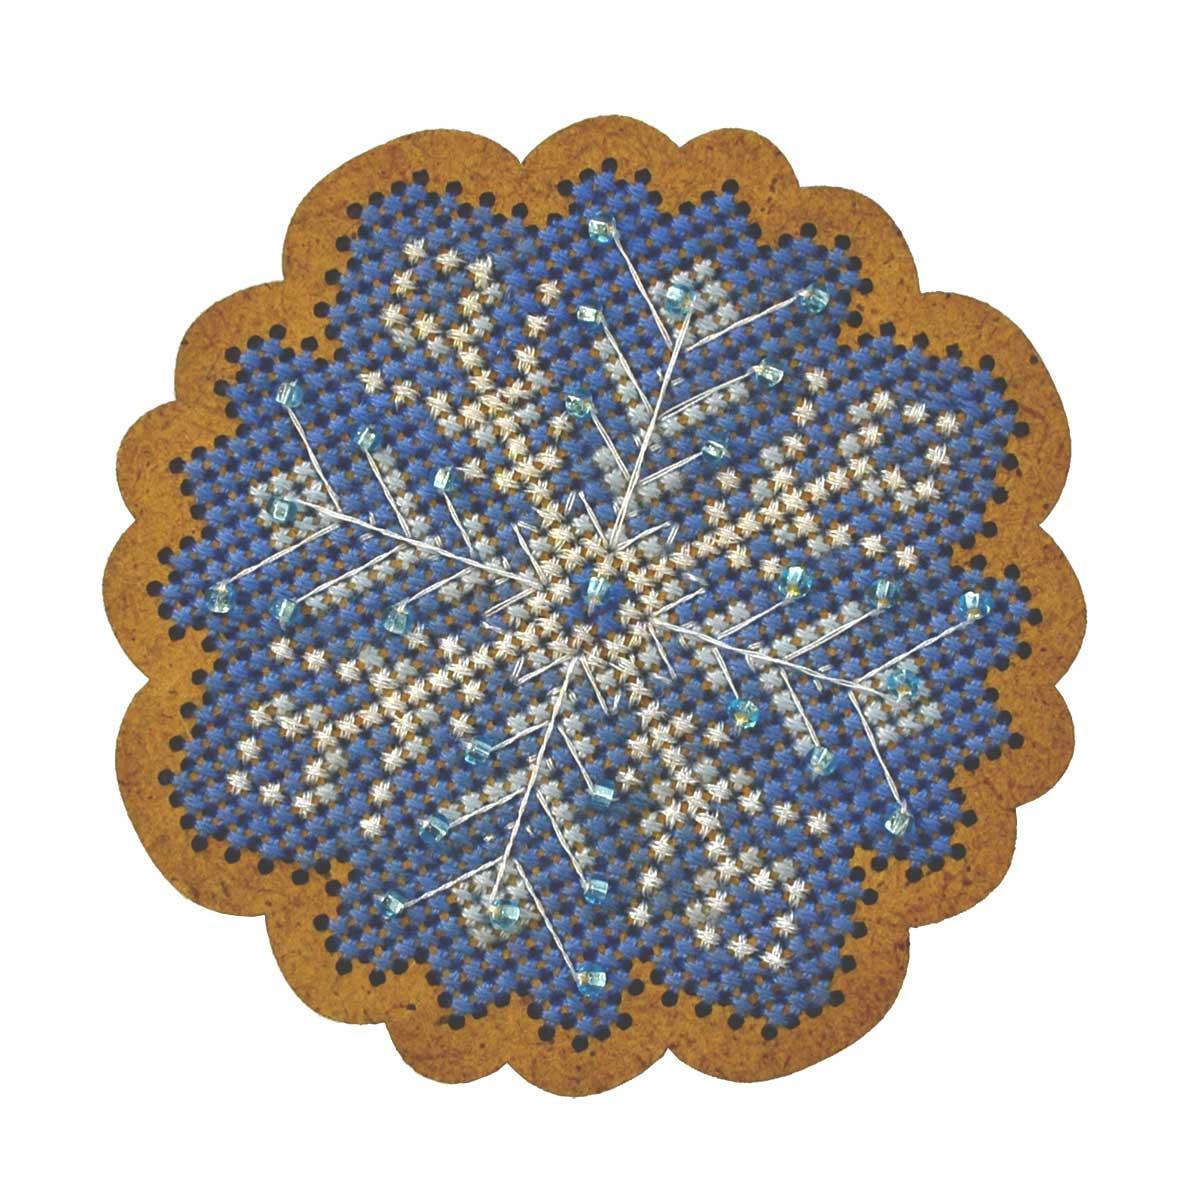 ИК-003 Набор для вышивания крестом на основе Созвездие 'Новогодняя игрушка 'Морозный узор' 6,5*6,5см